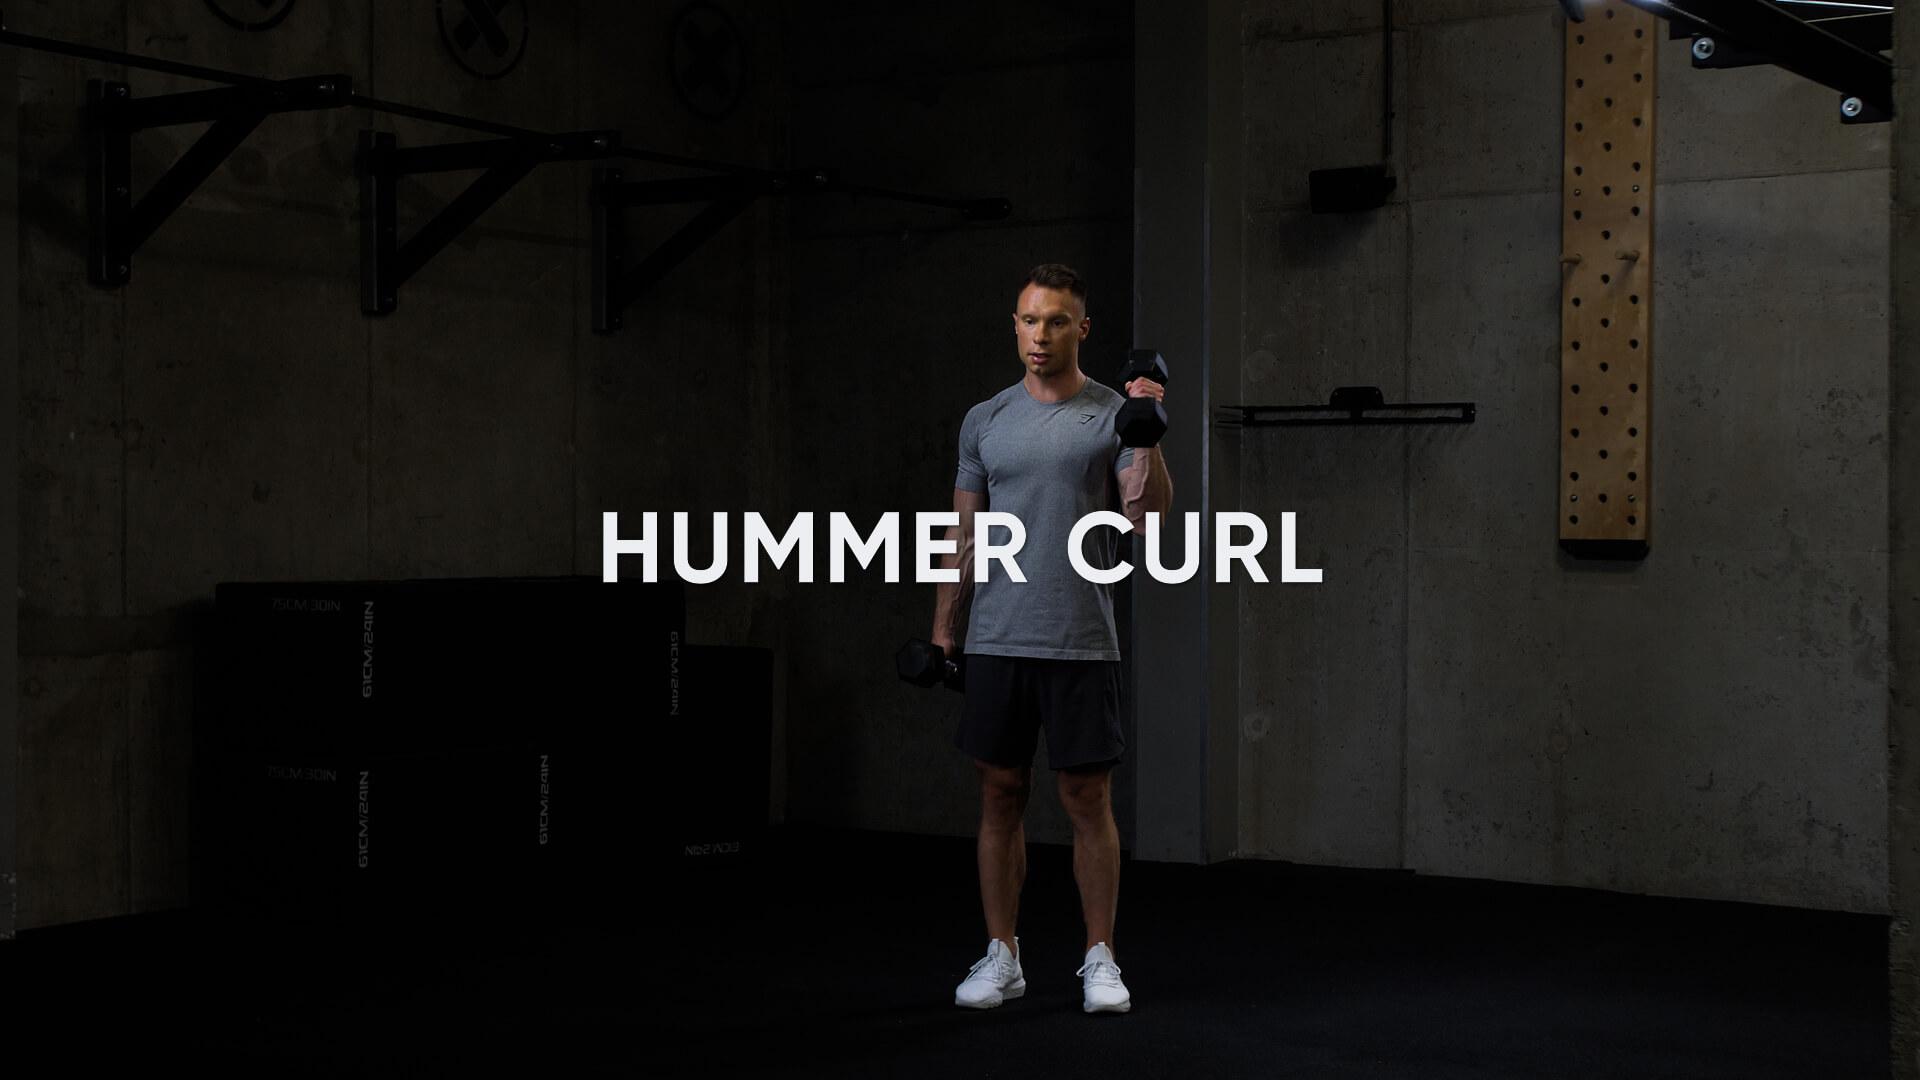 Hummer Curl